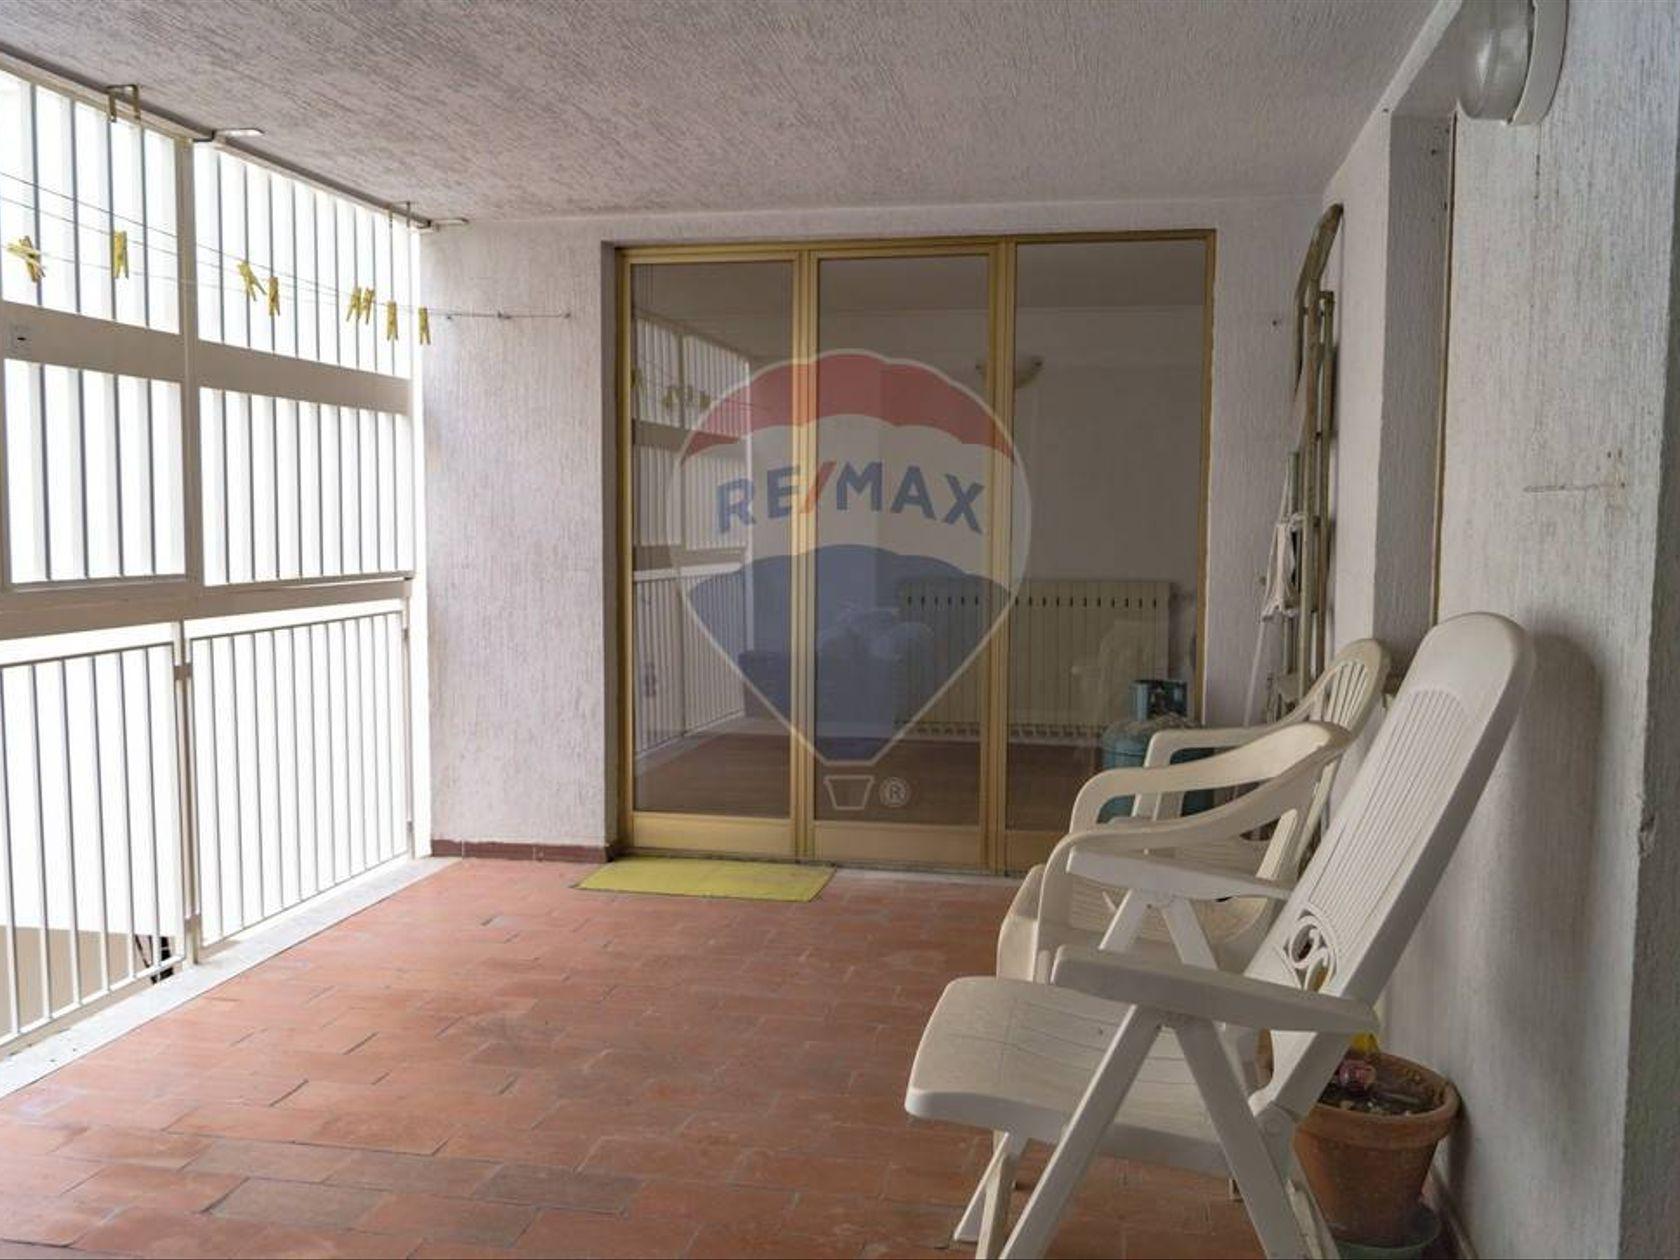 Appartamento Cannizzaro, Aci Castello, CT Vendita - Foto 17